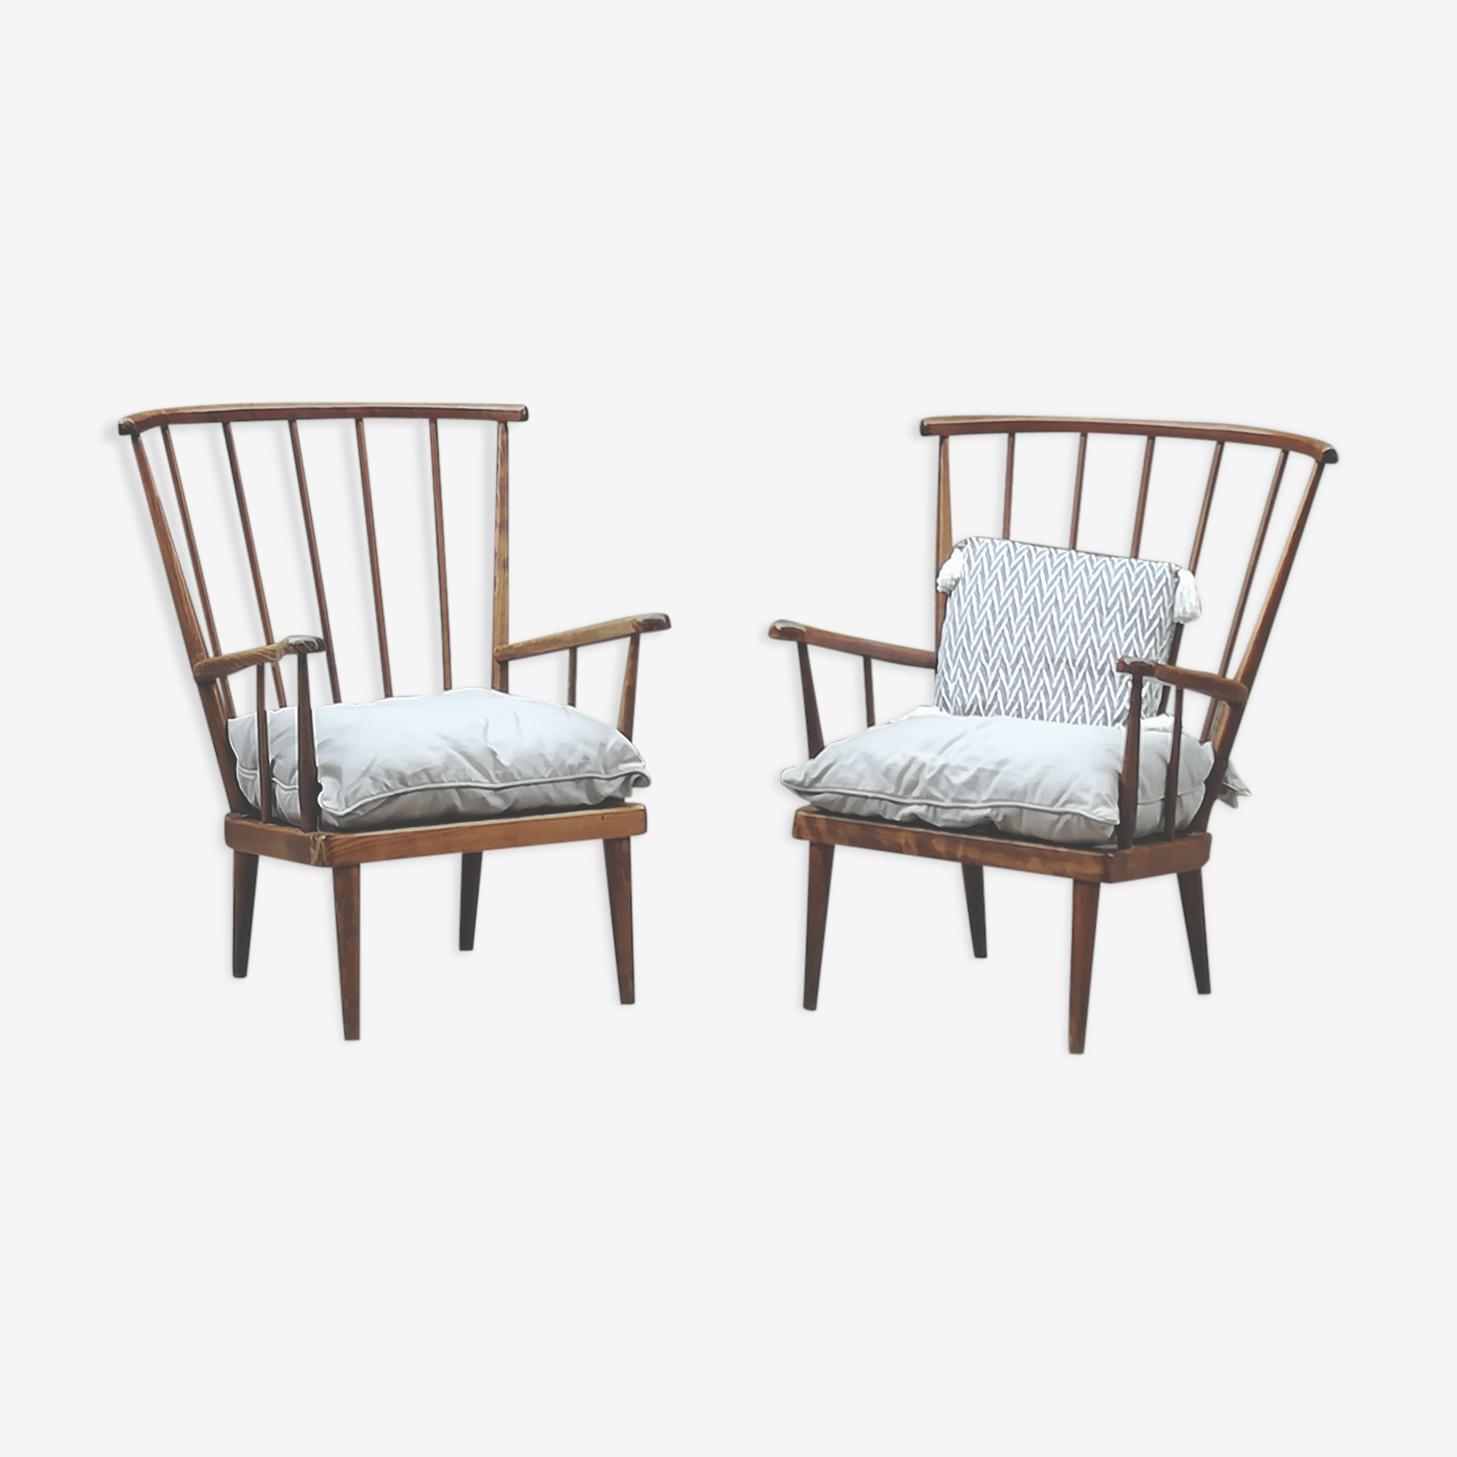 Pair of Baumann armchairs